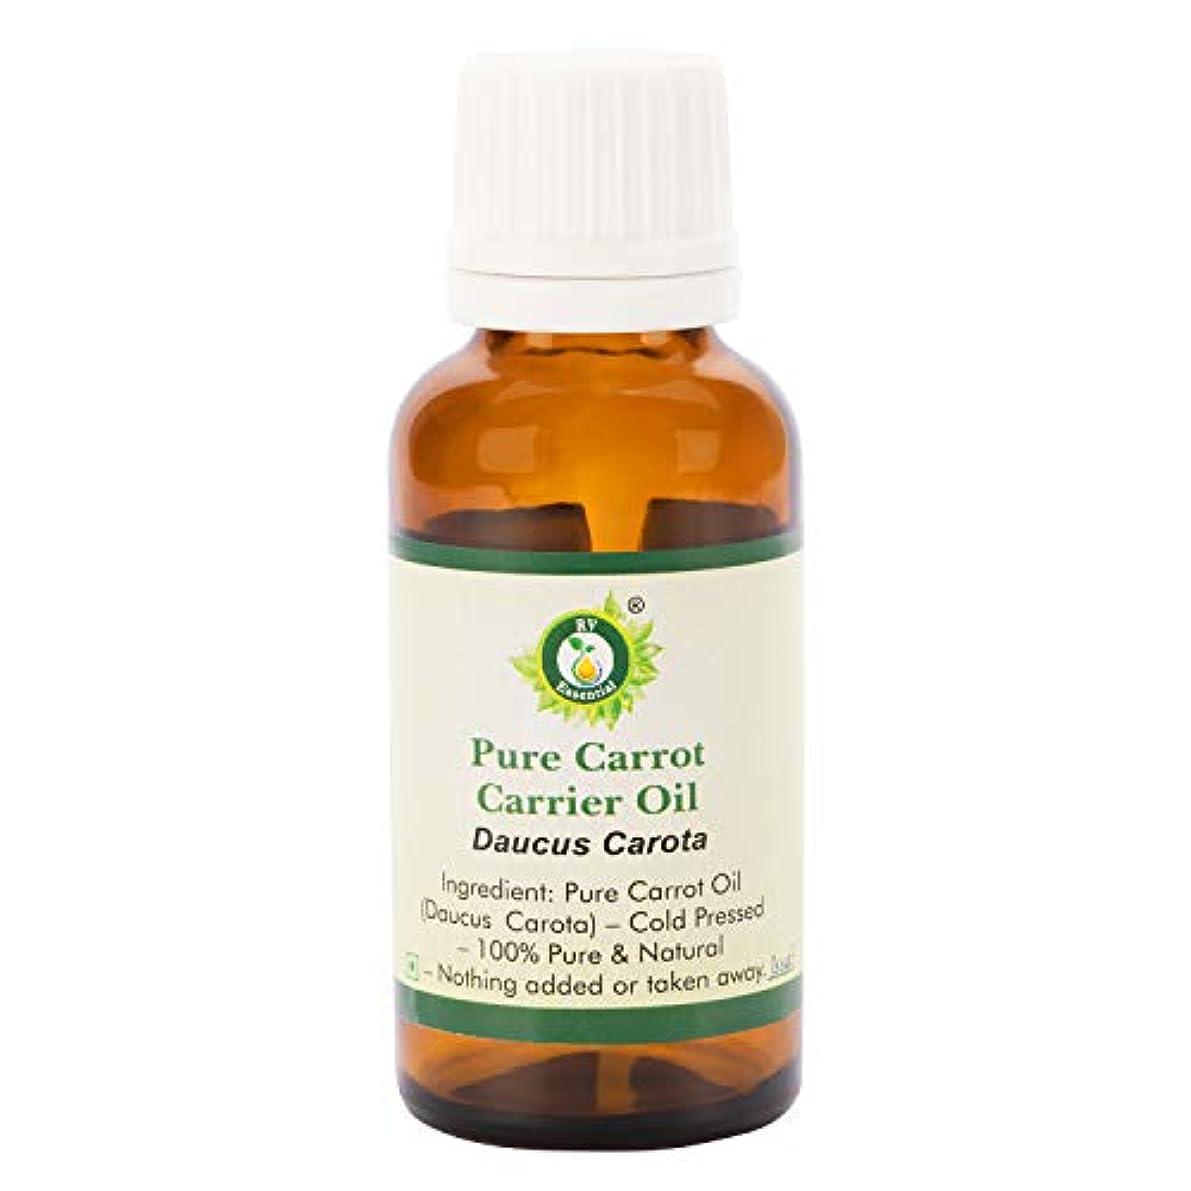 まだら責め最少ピュアキャロットキャリアオイル100ml (3.38oz)- Daucus Carota (100%ピュア&ナチュラルコールドPressed) Pure Carrot Carrier Oil